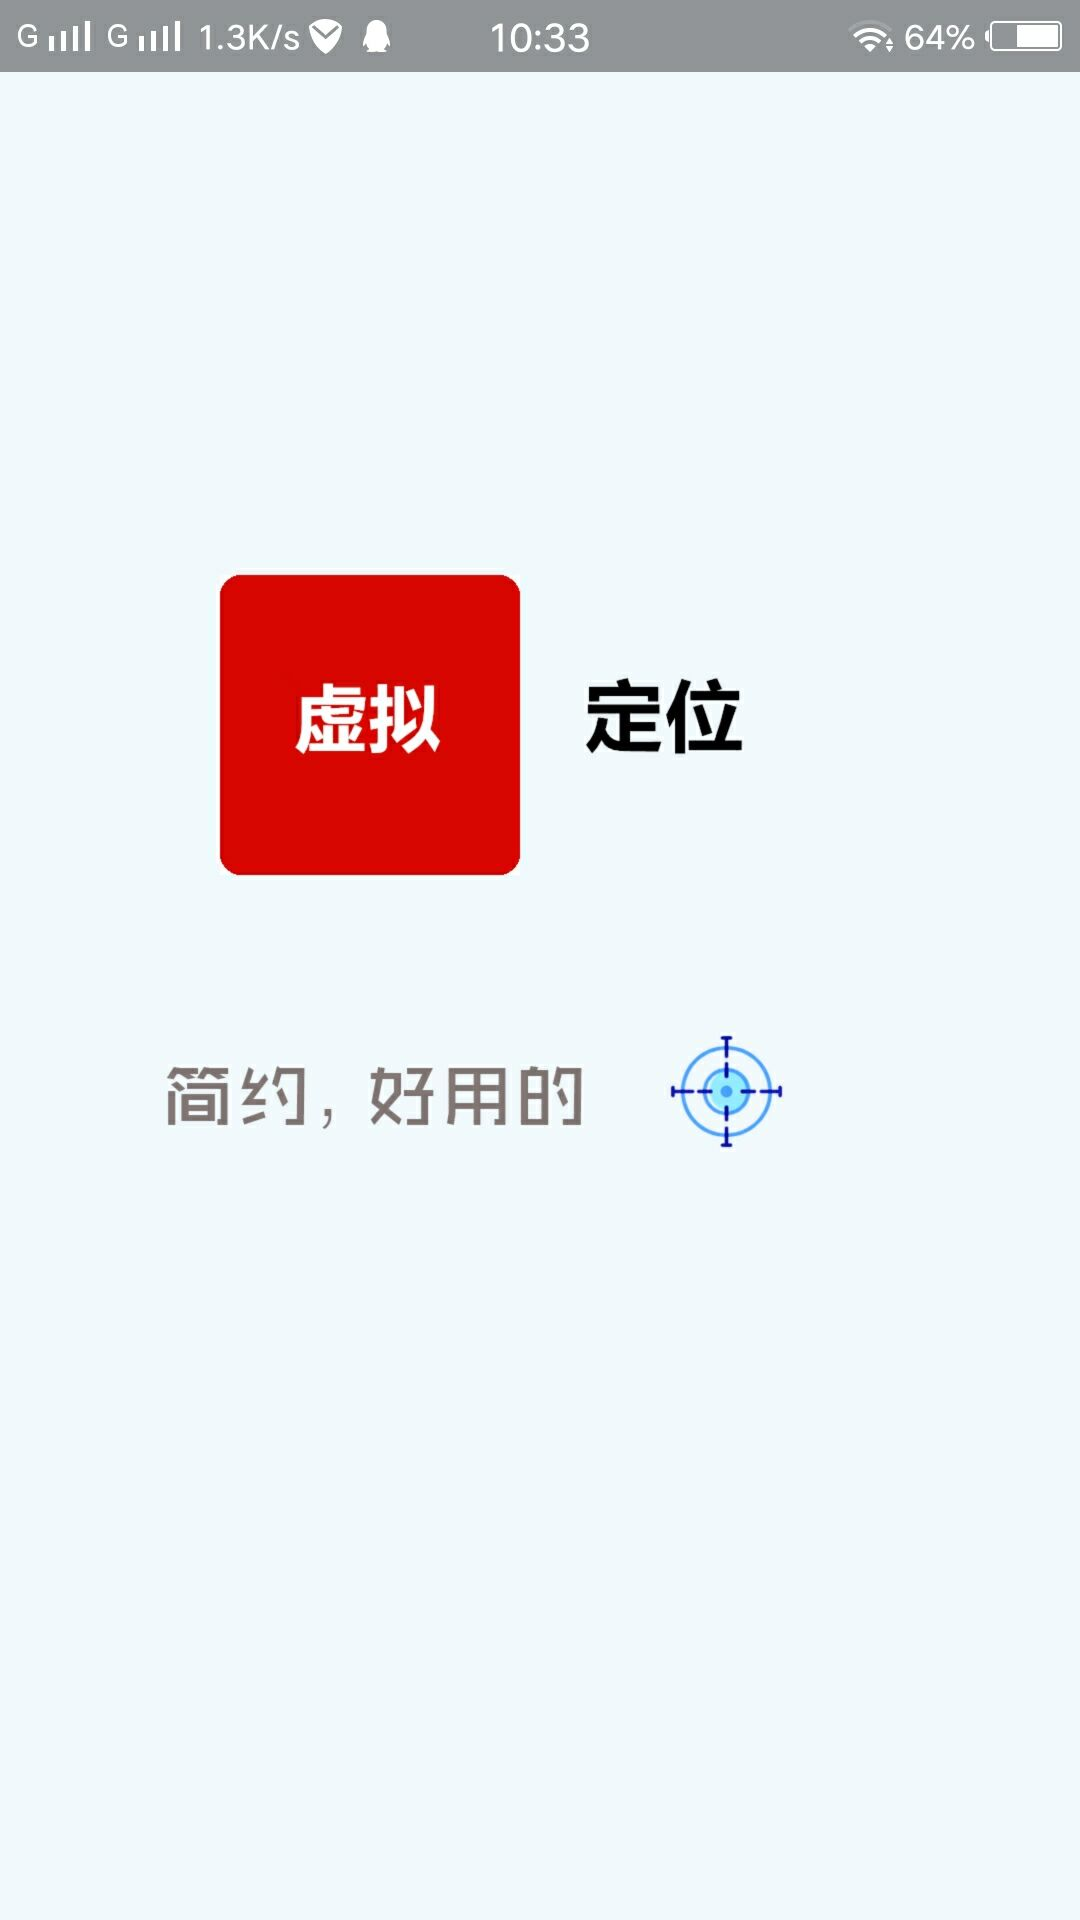 仙杰笔记 抖音/快手/陌陌/探探/手机app直播虚拟定位修改神器 微信位置 技术交流 111511df1cac8kk1wfmmzz